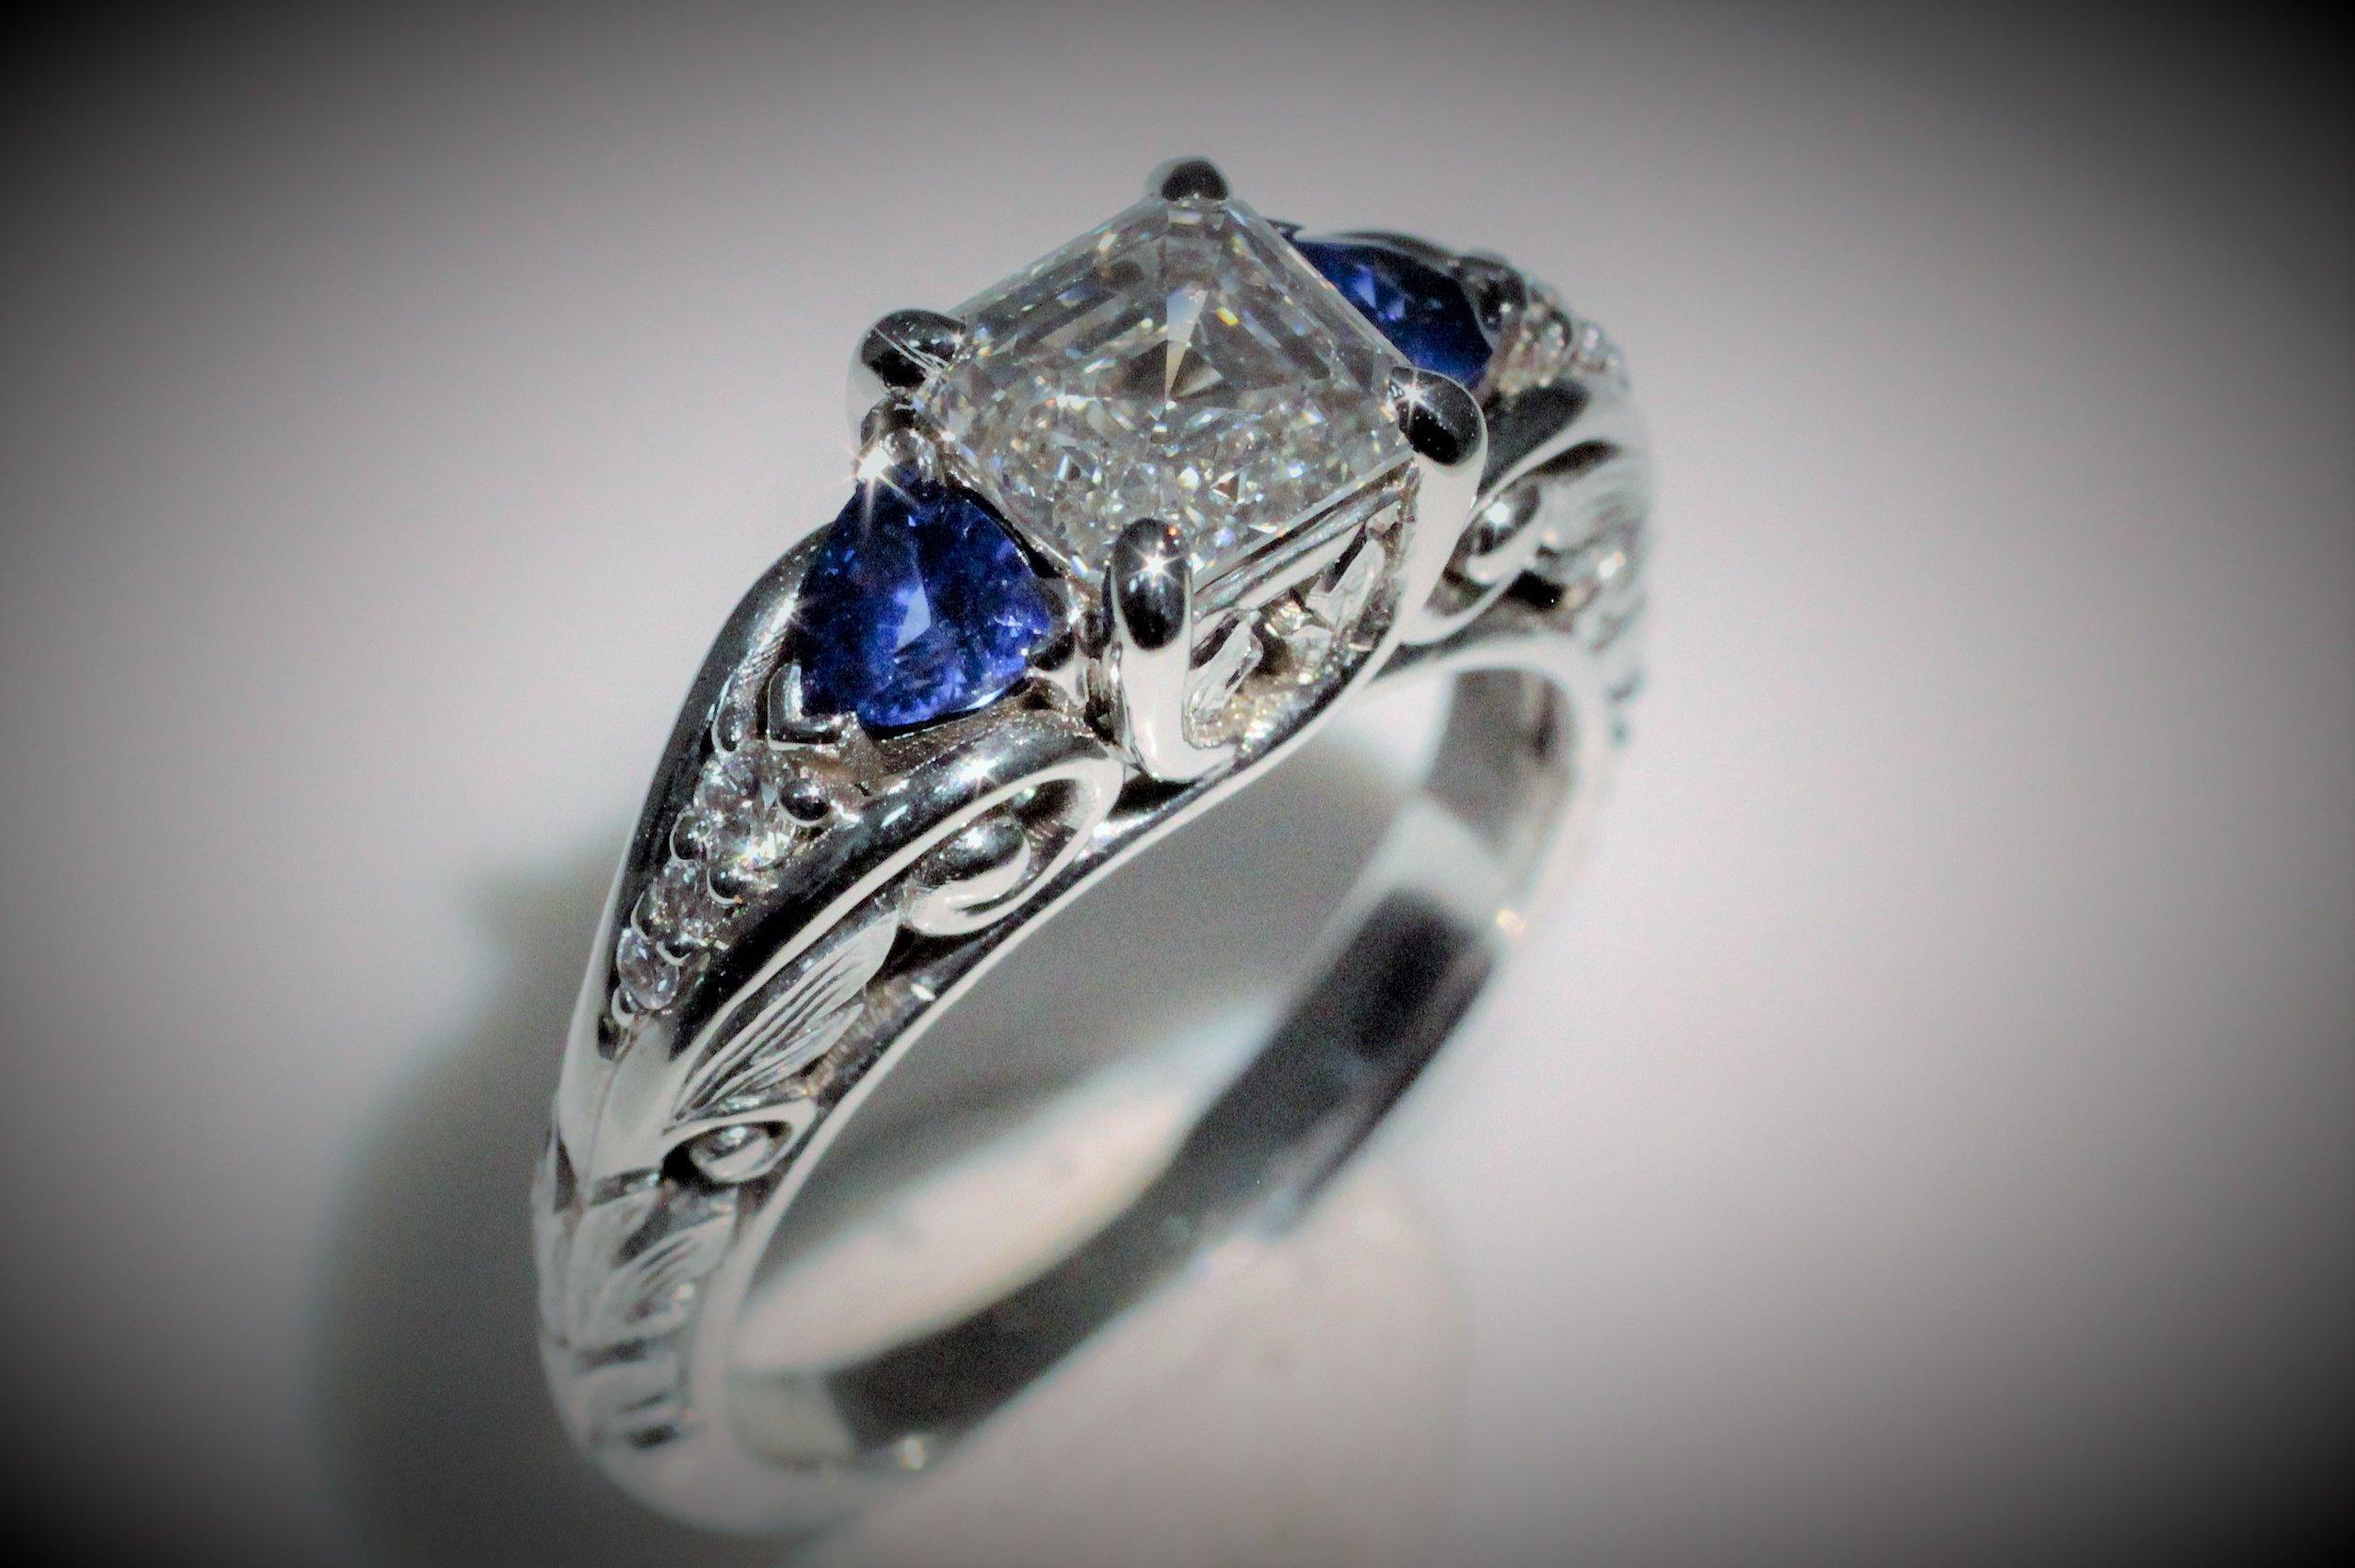 Asscher-cut Diamond and Sapphire and 6 accent diamonds